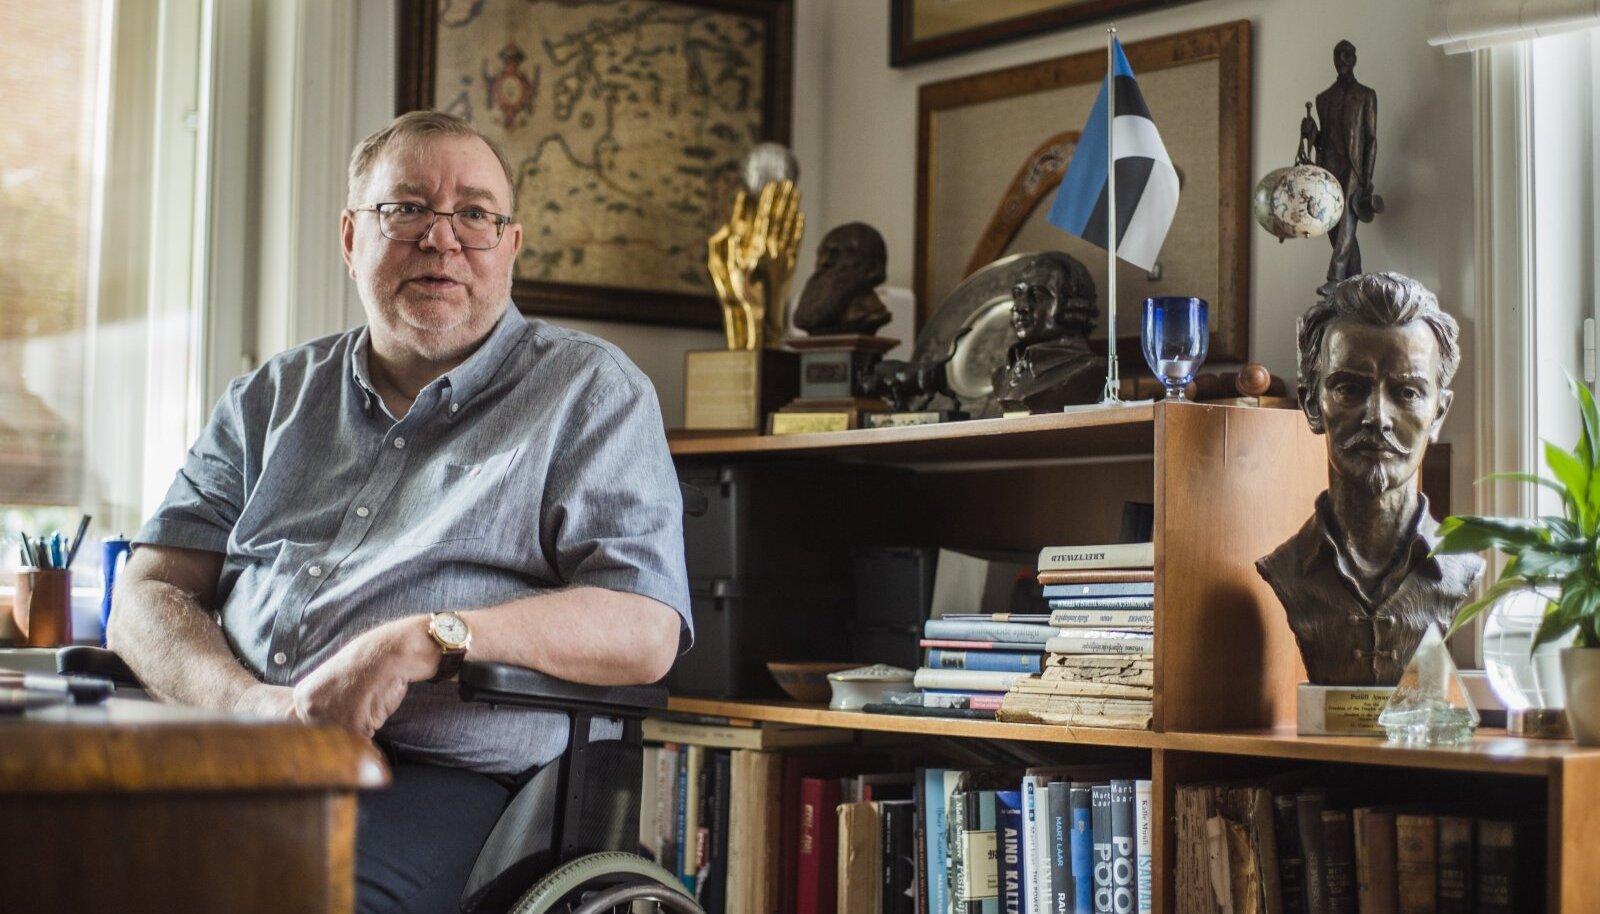 Mart Laari äsja valmis saanud raamat Karl August Hindreyst on sündinud just selle töölaua taga. Esimesed märkmed ikka käsitsi, tekst arvutisse.